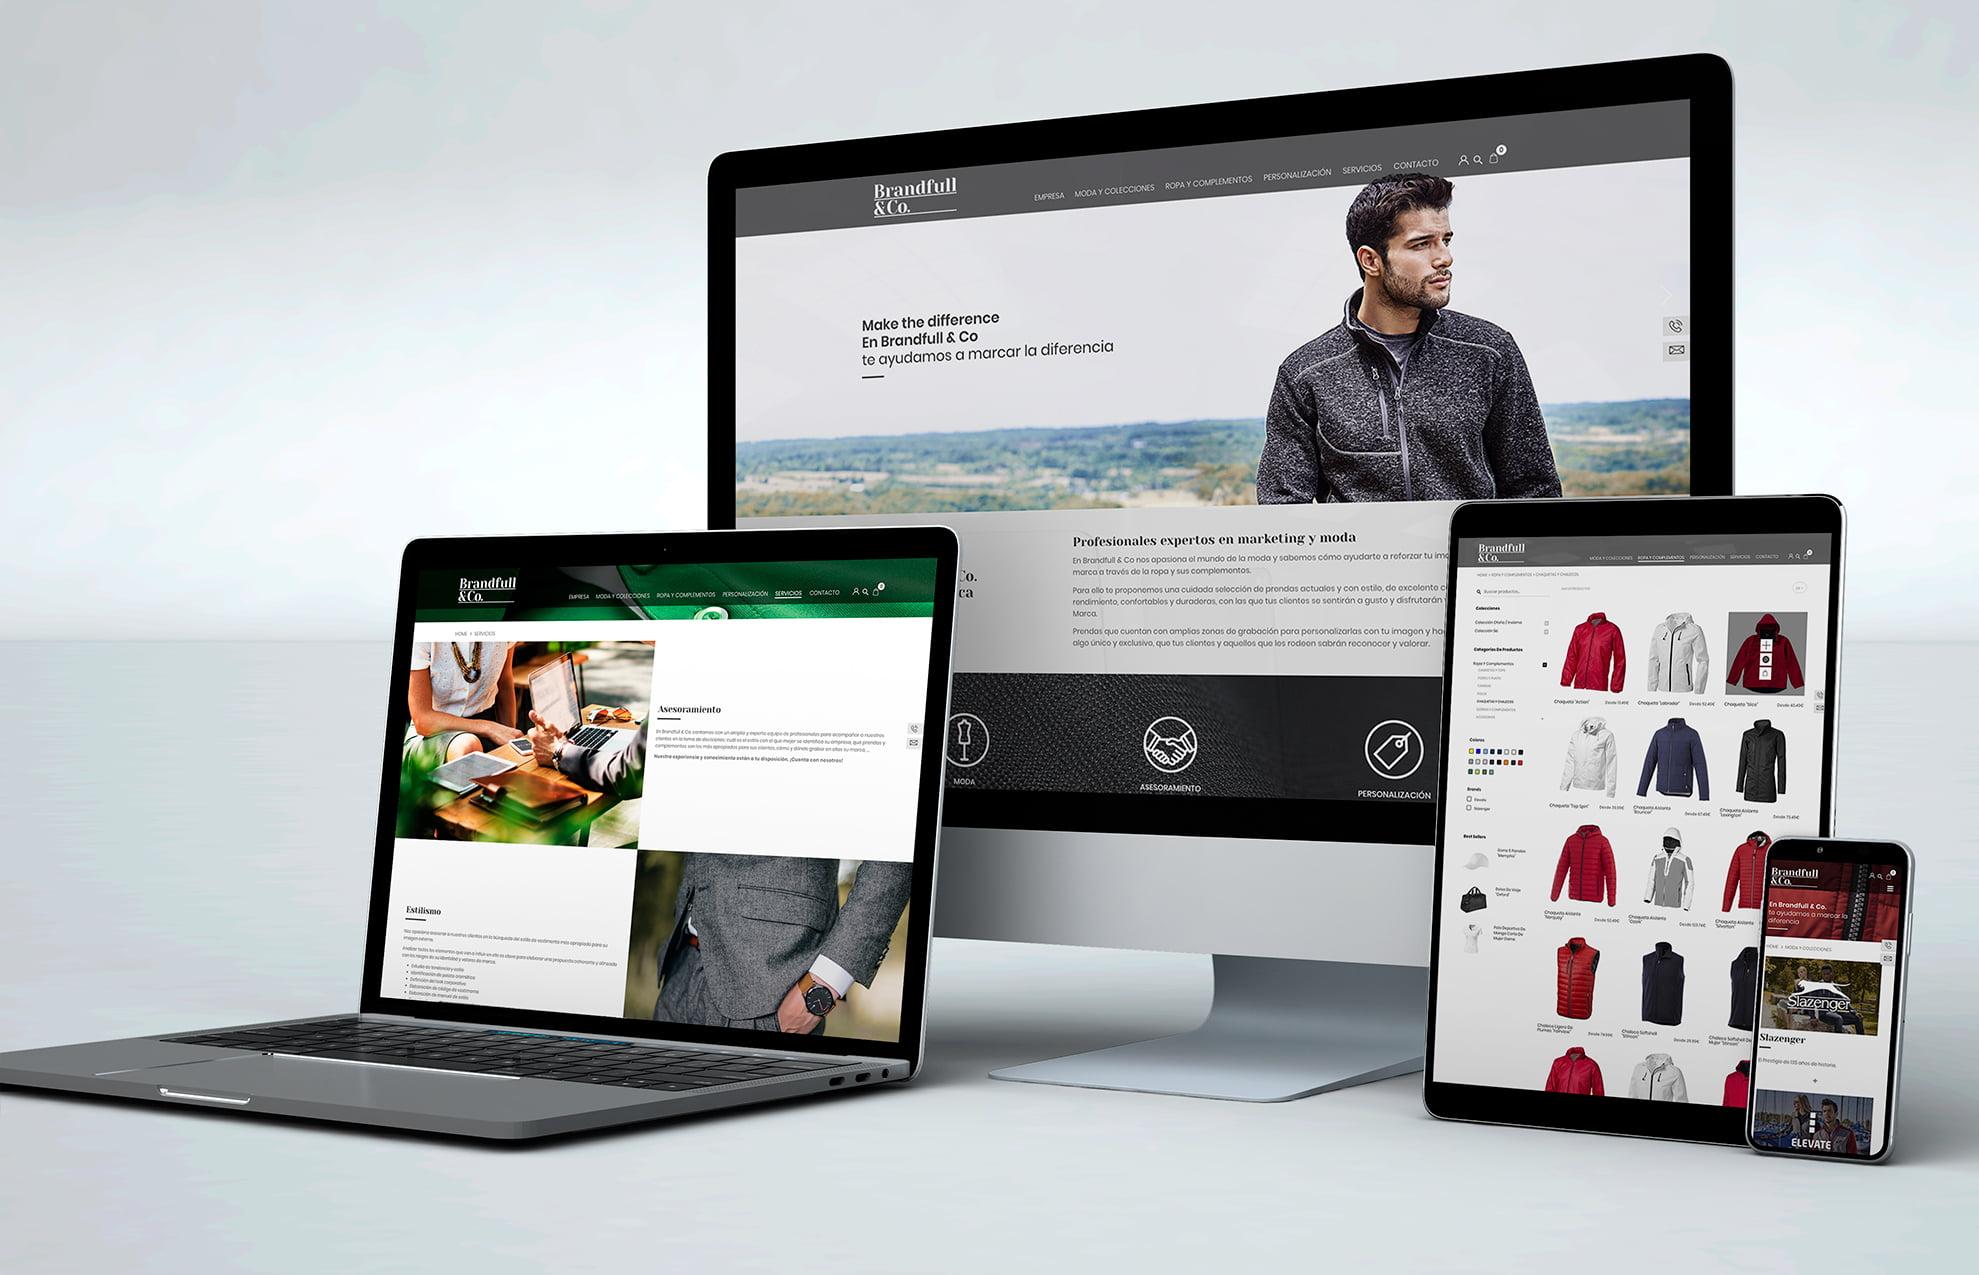 creacion pagina web moda - Brandfull&Co, un proyecto integral de diseño